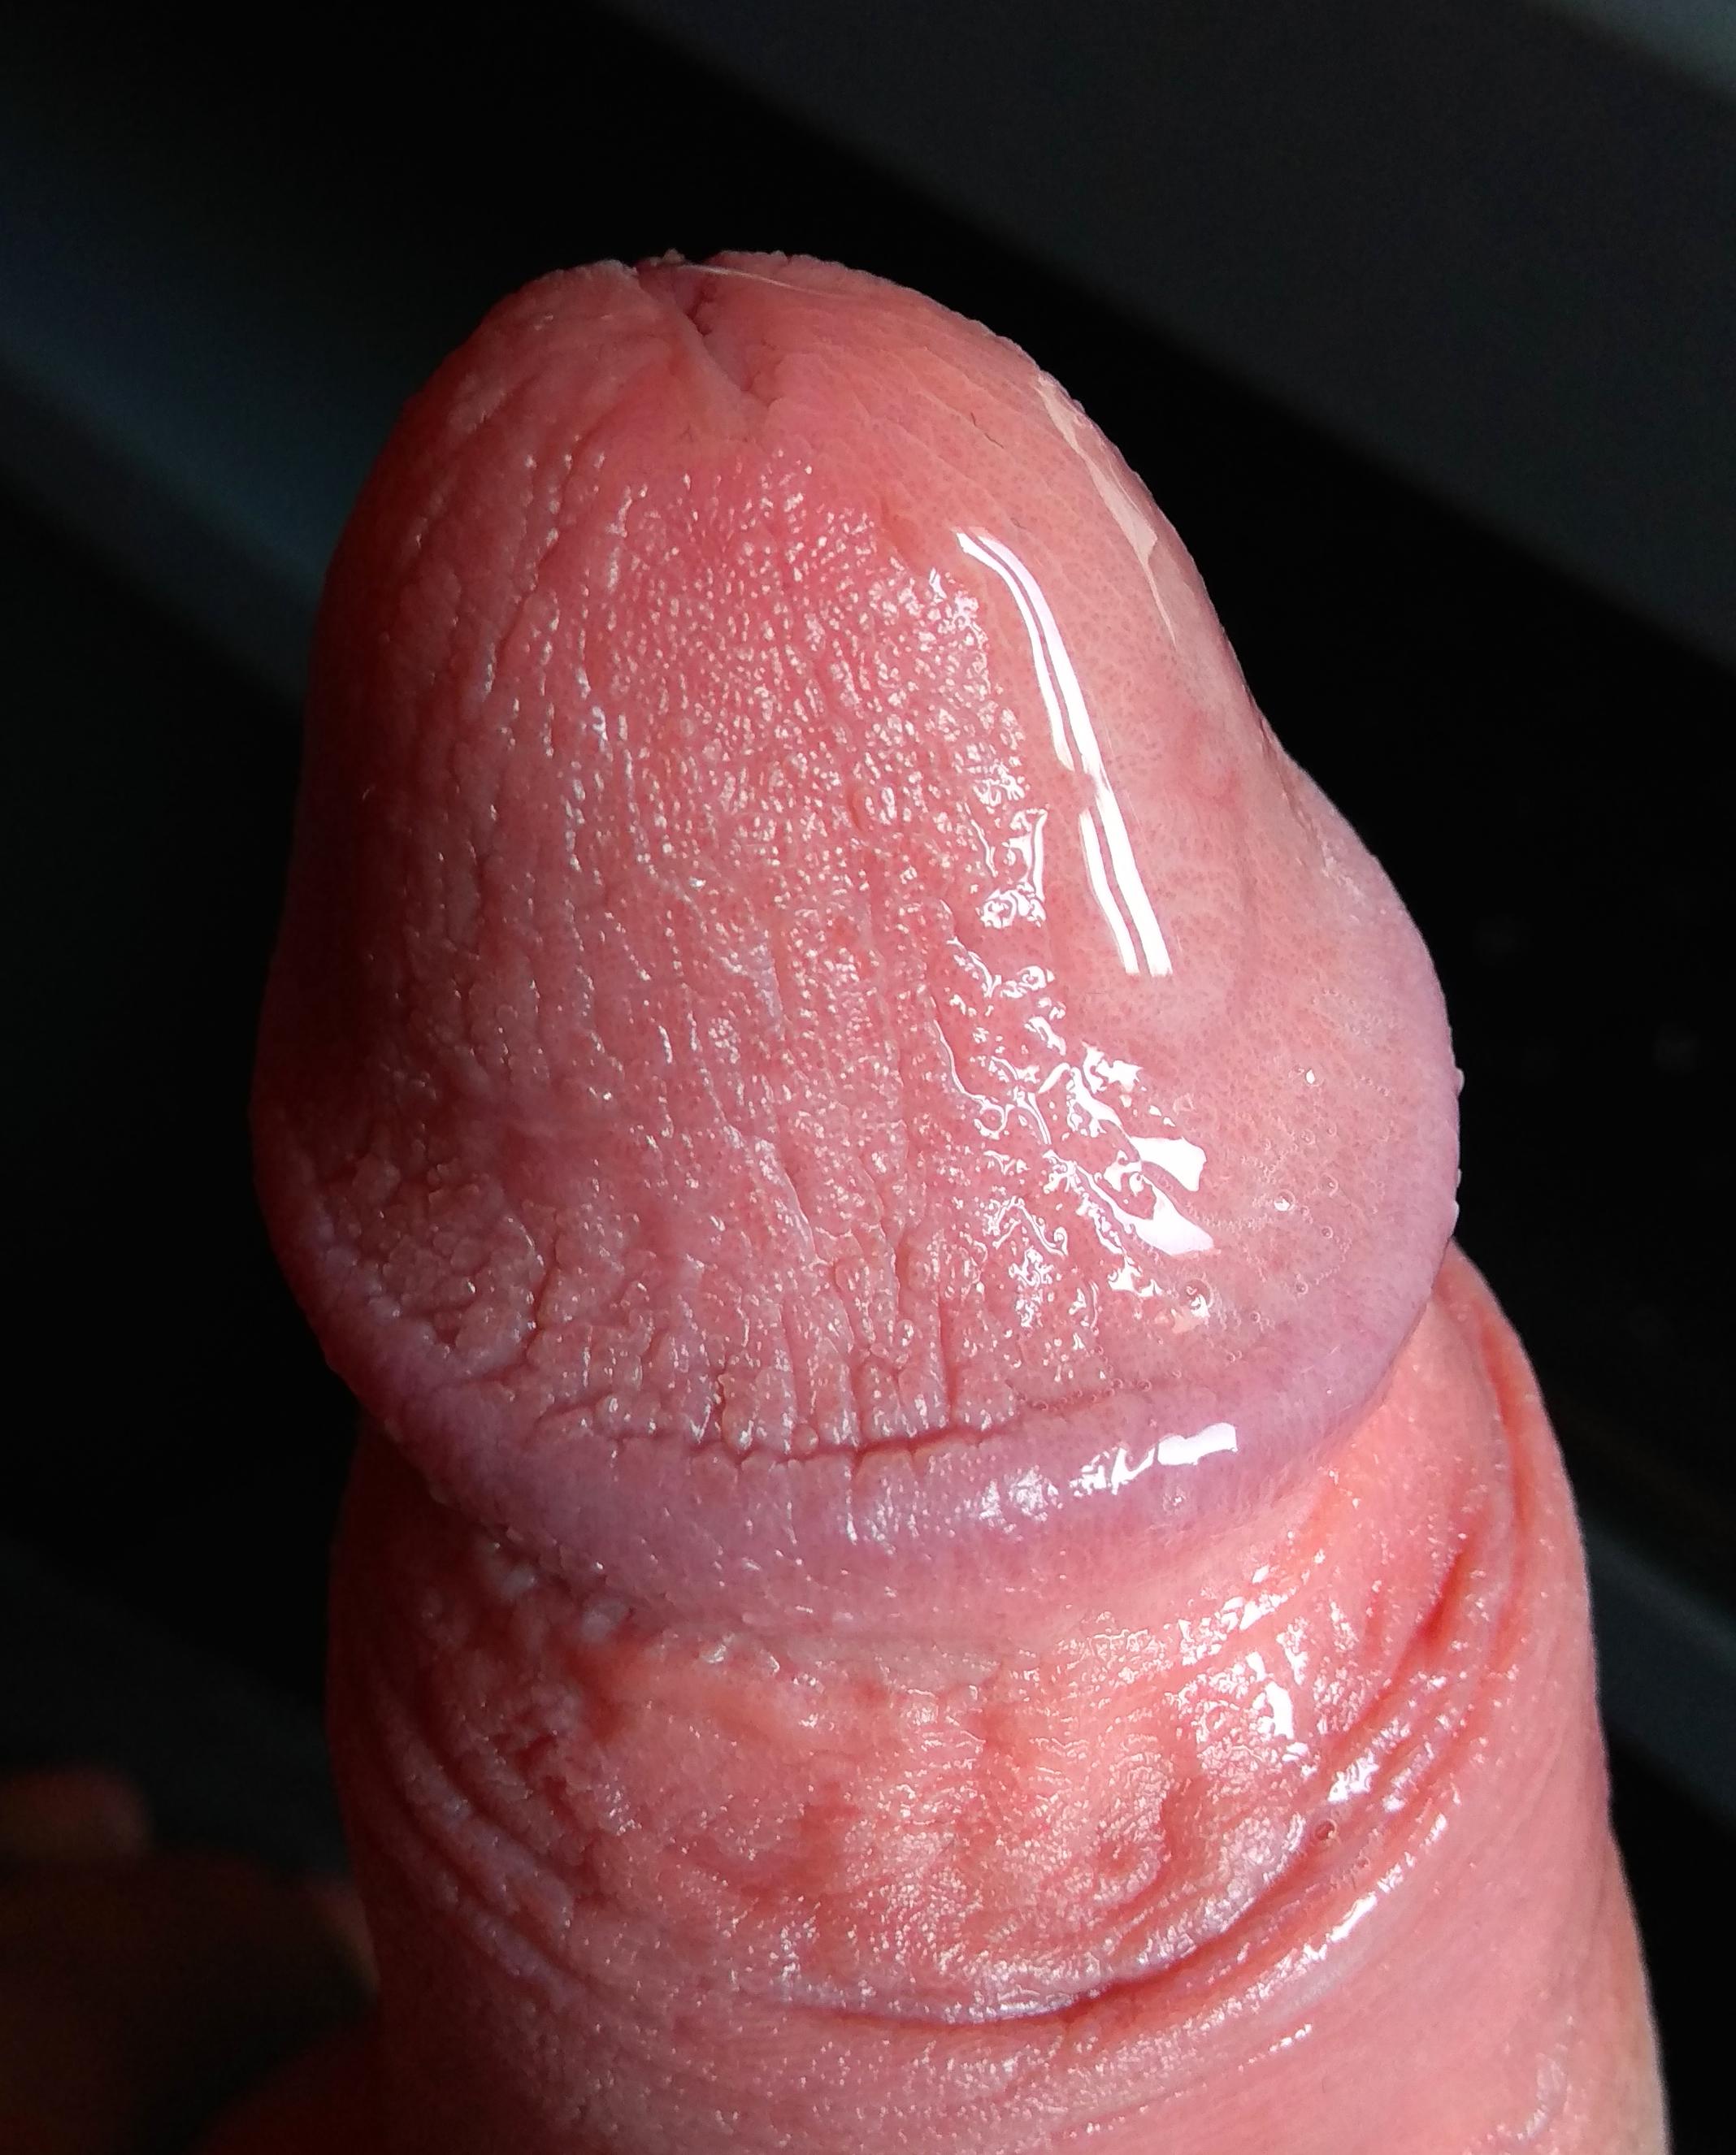 férfi pénisz erekció az erekció sokáig nem jön el